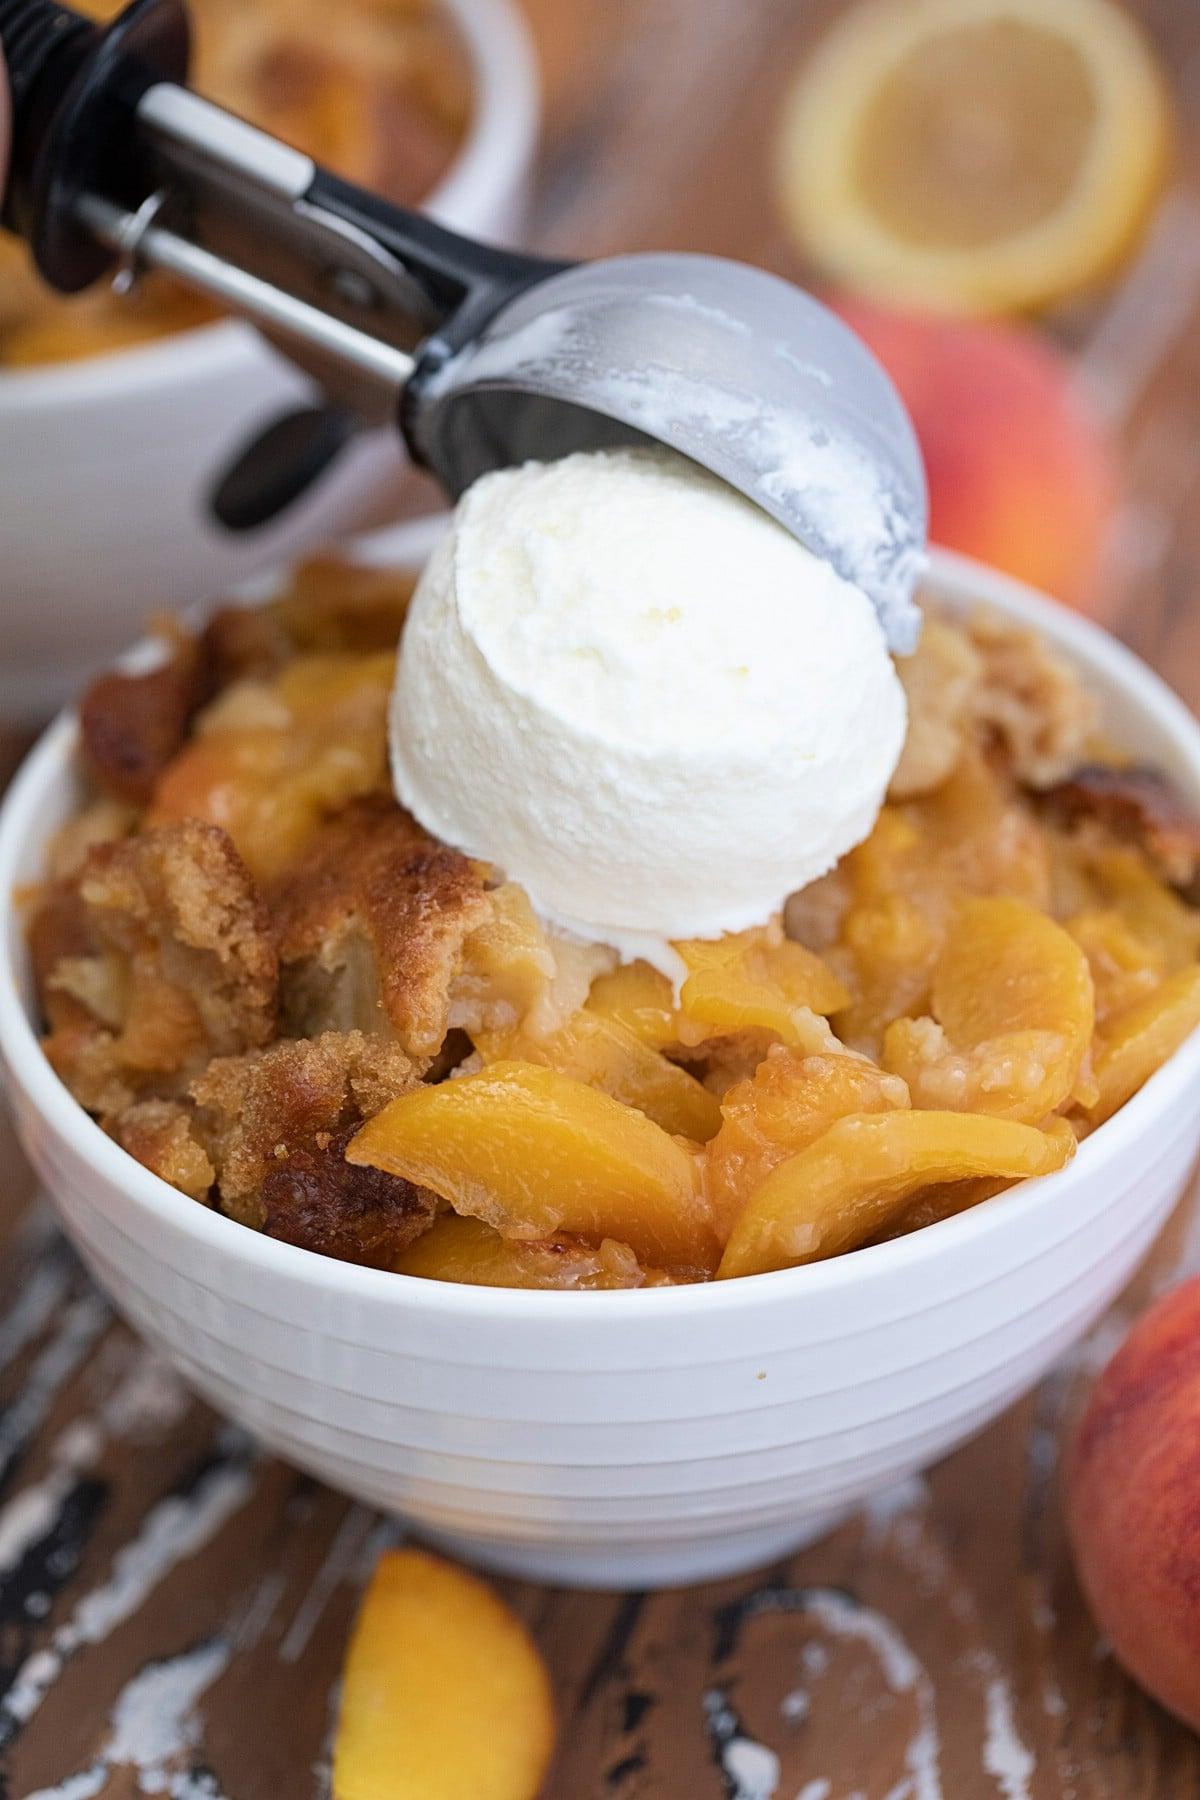 Adding ice cream to peach cobbler in white bowl